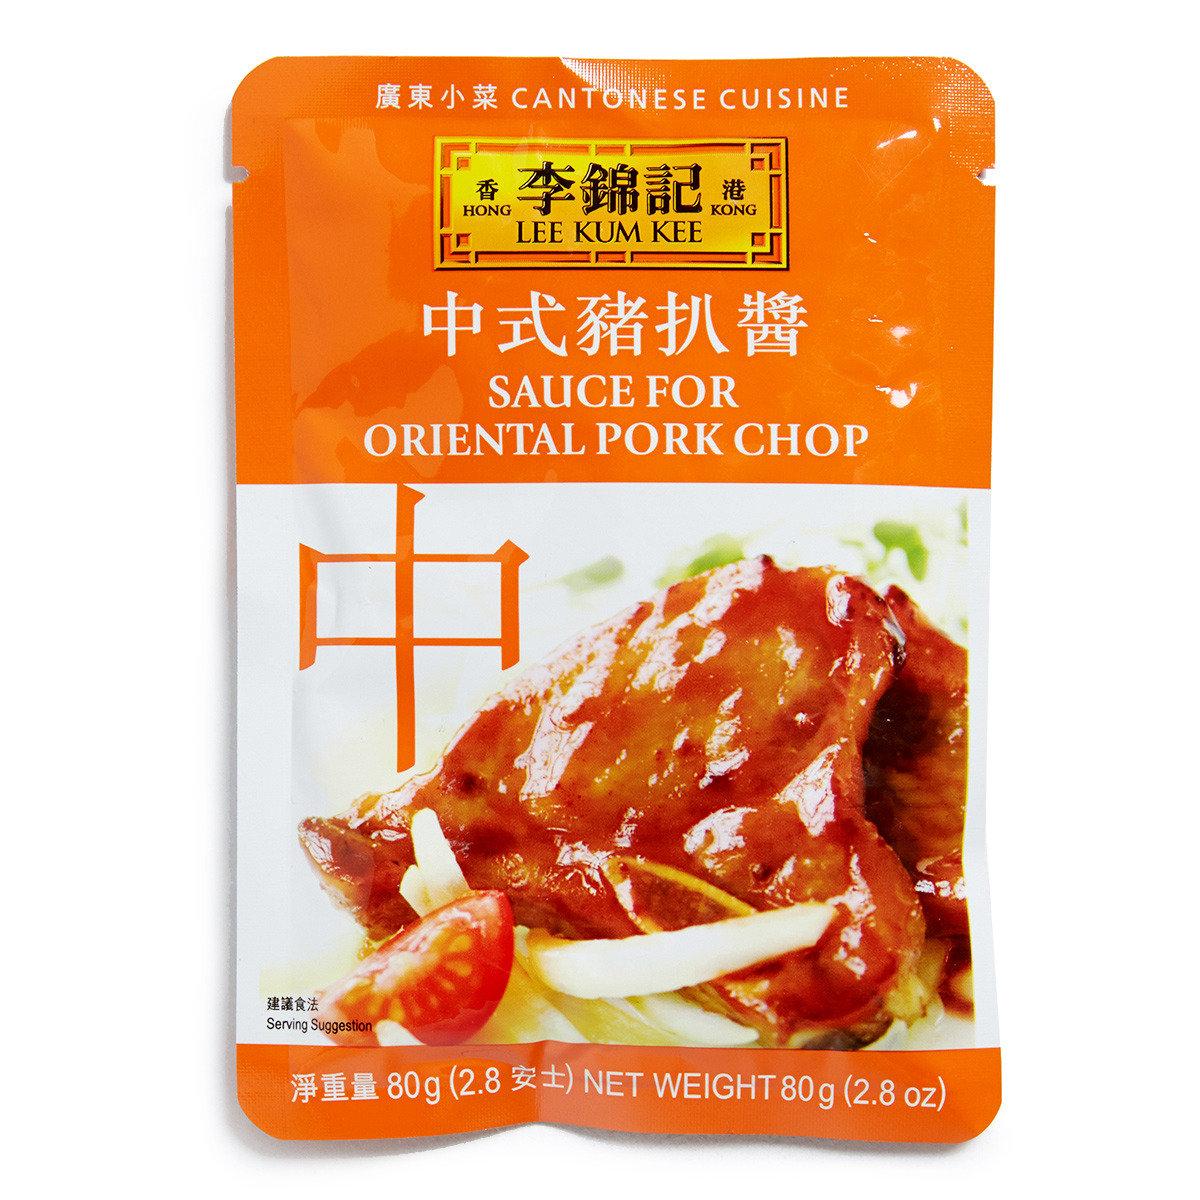 中式豬扒醬